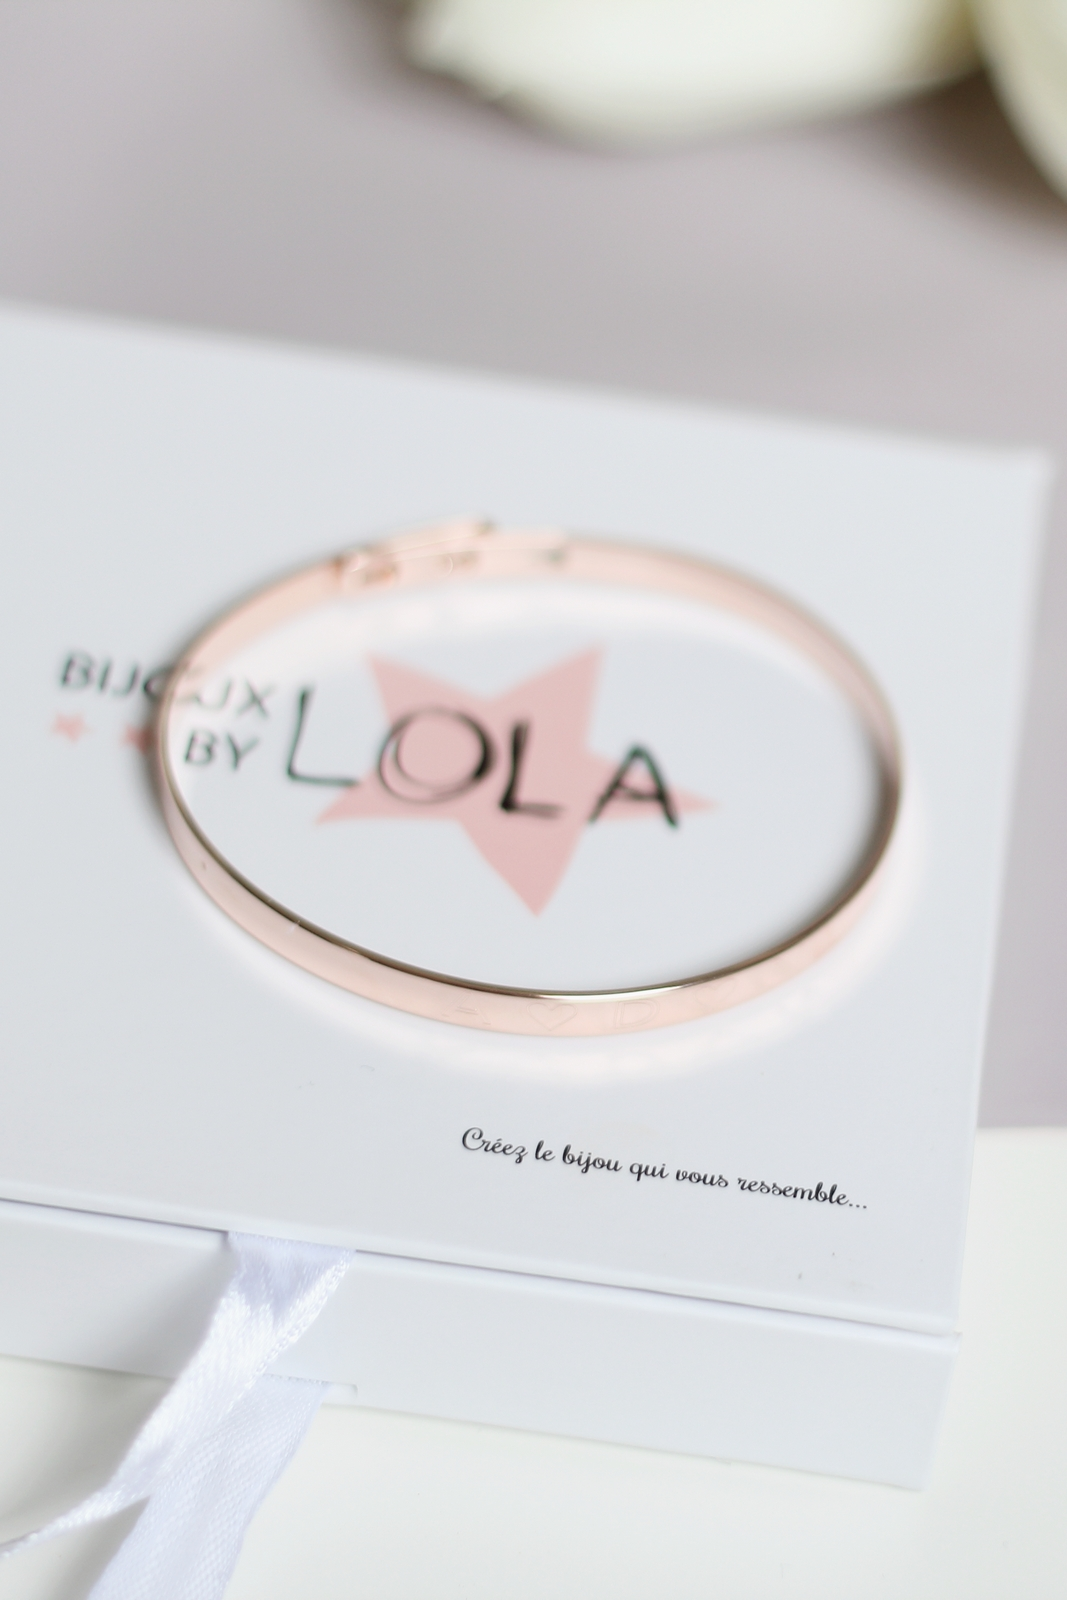 bijoux by lola - fete des meres - bijoux personnalisés